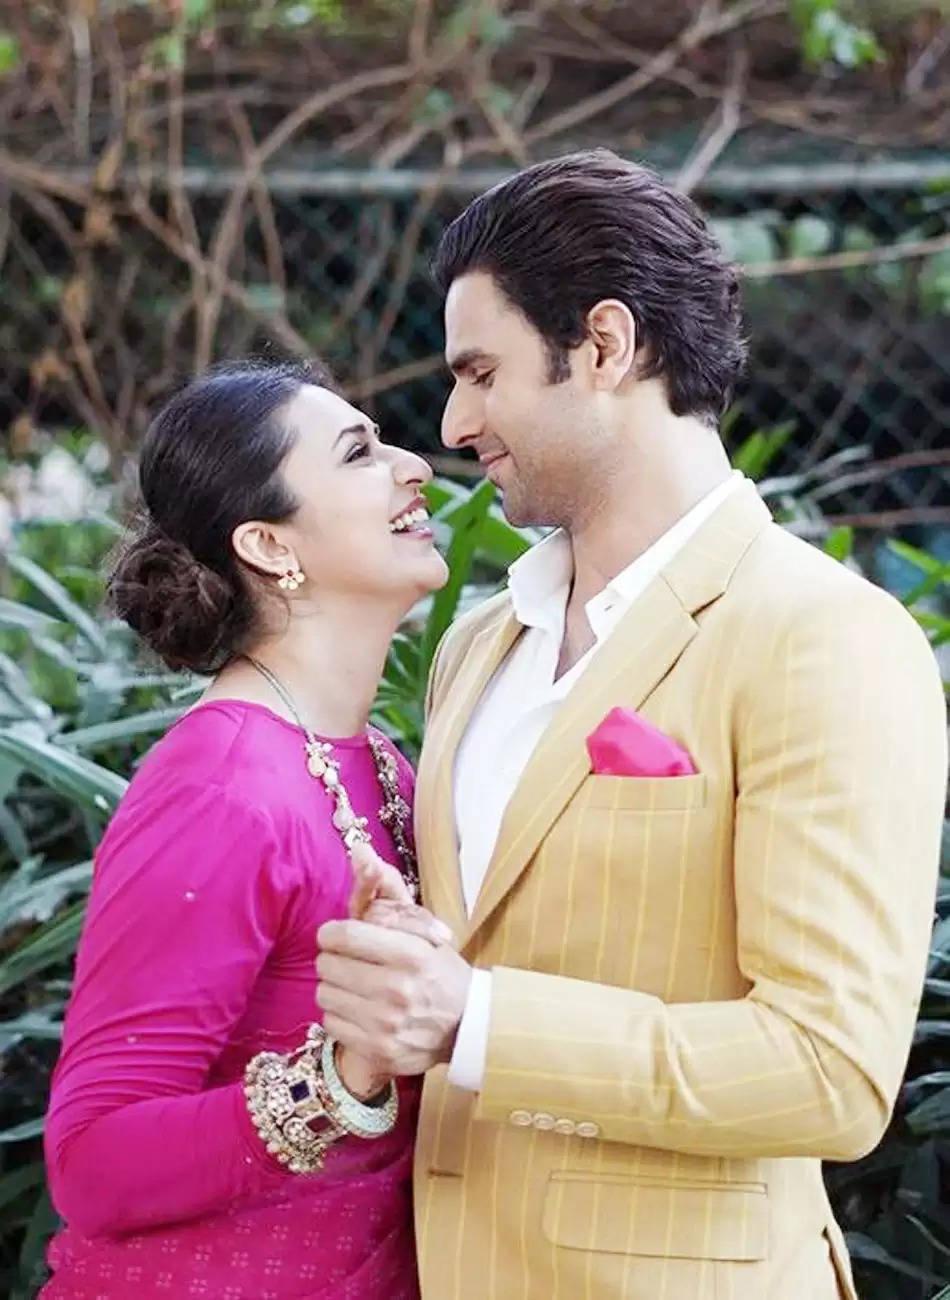 Divyanka Tripathi: पति विवेक के साथ रोमांटिक हुई दिव्यांका त्रिपाठी, केमिस्ट्री देख अर्जुन बिजलानी बोलें बाहों के दरमियां